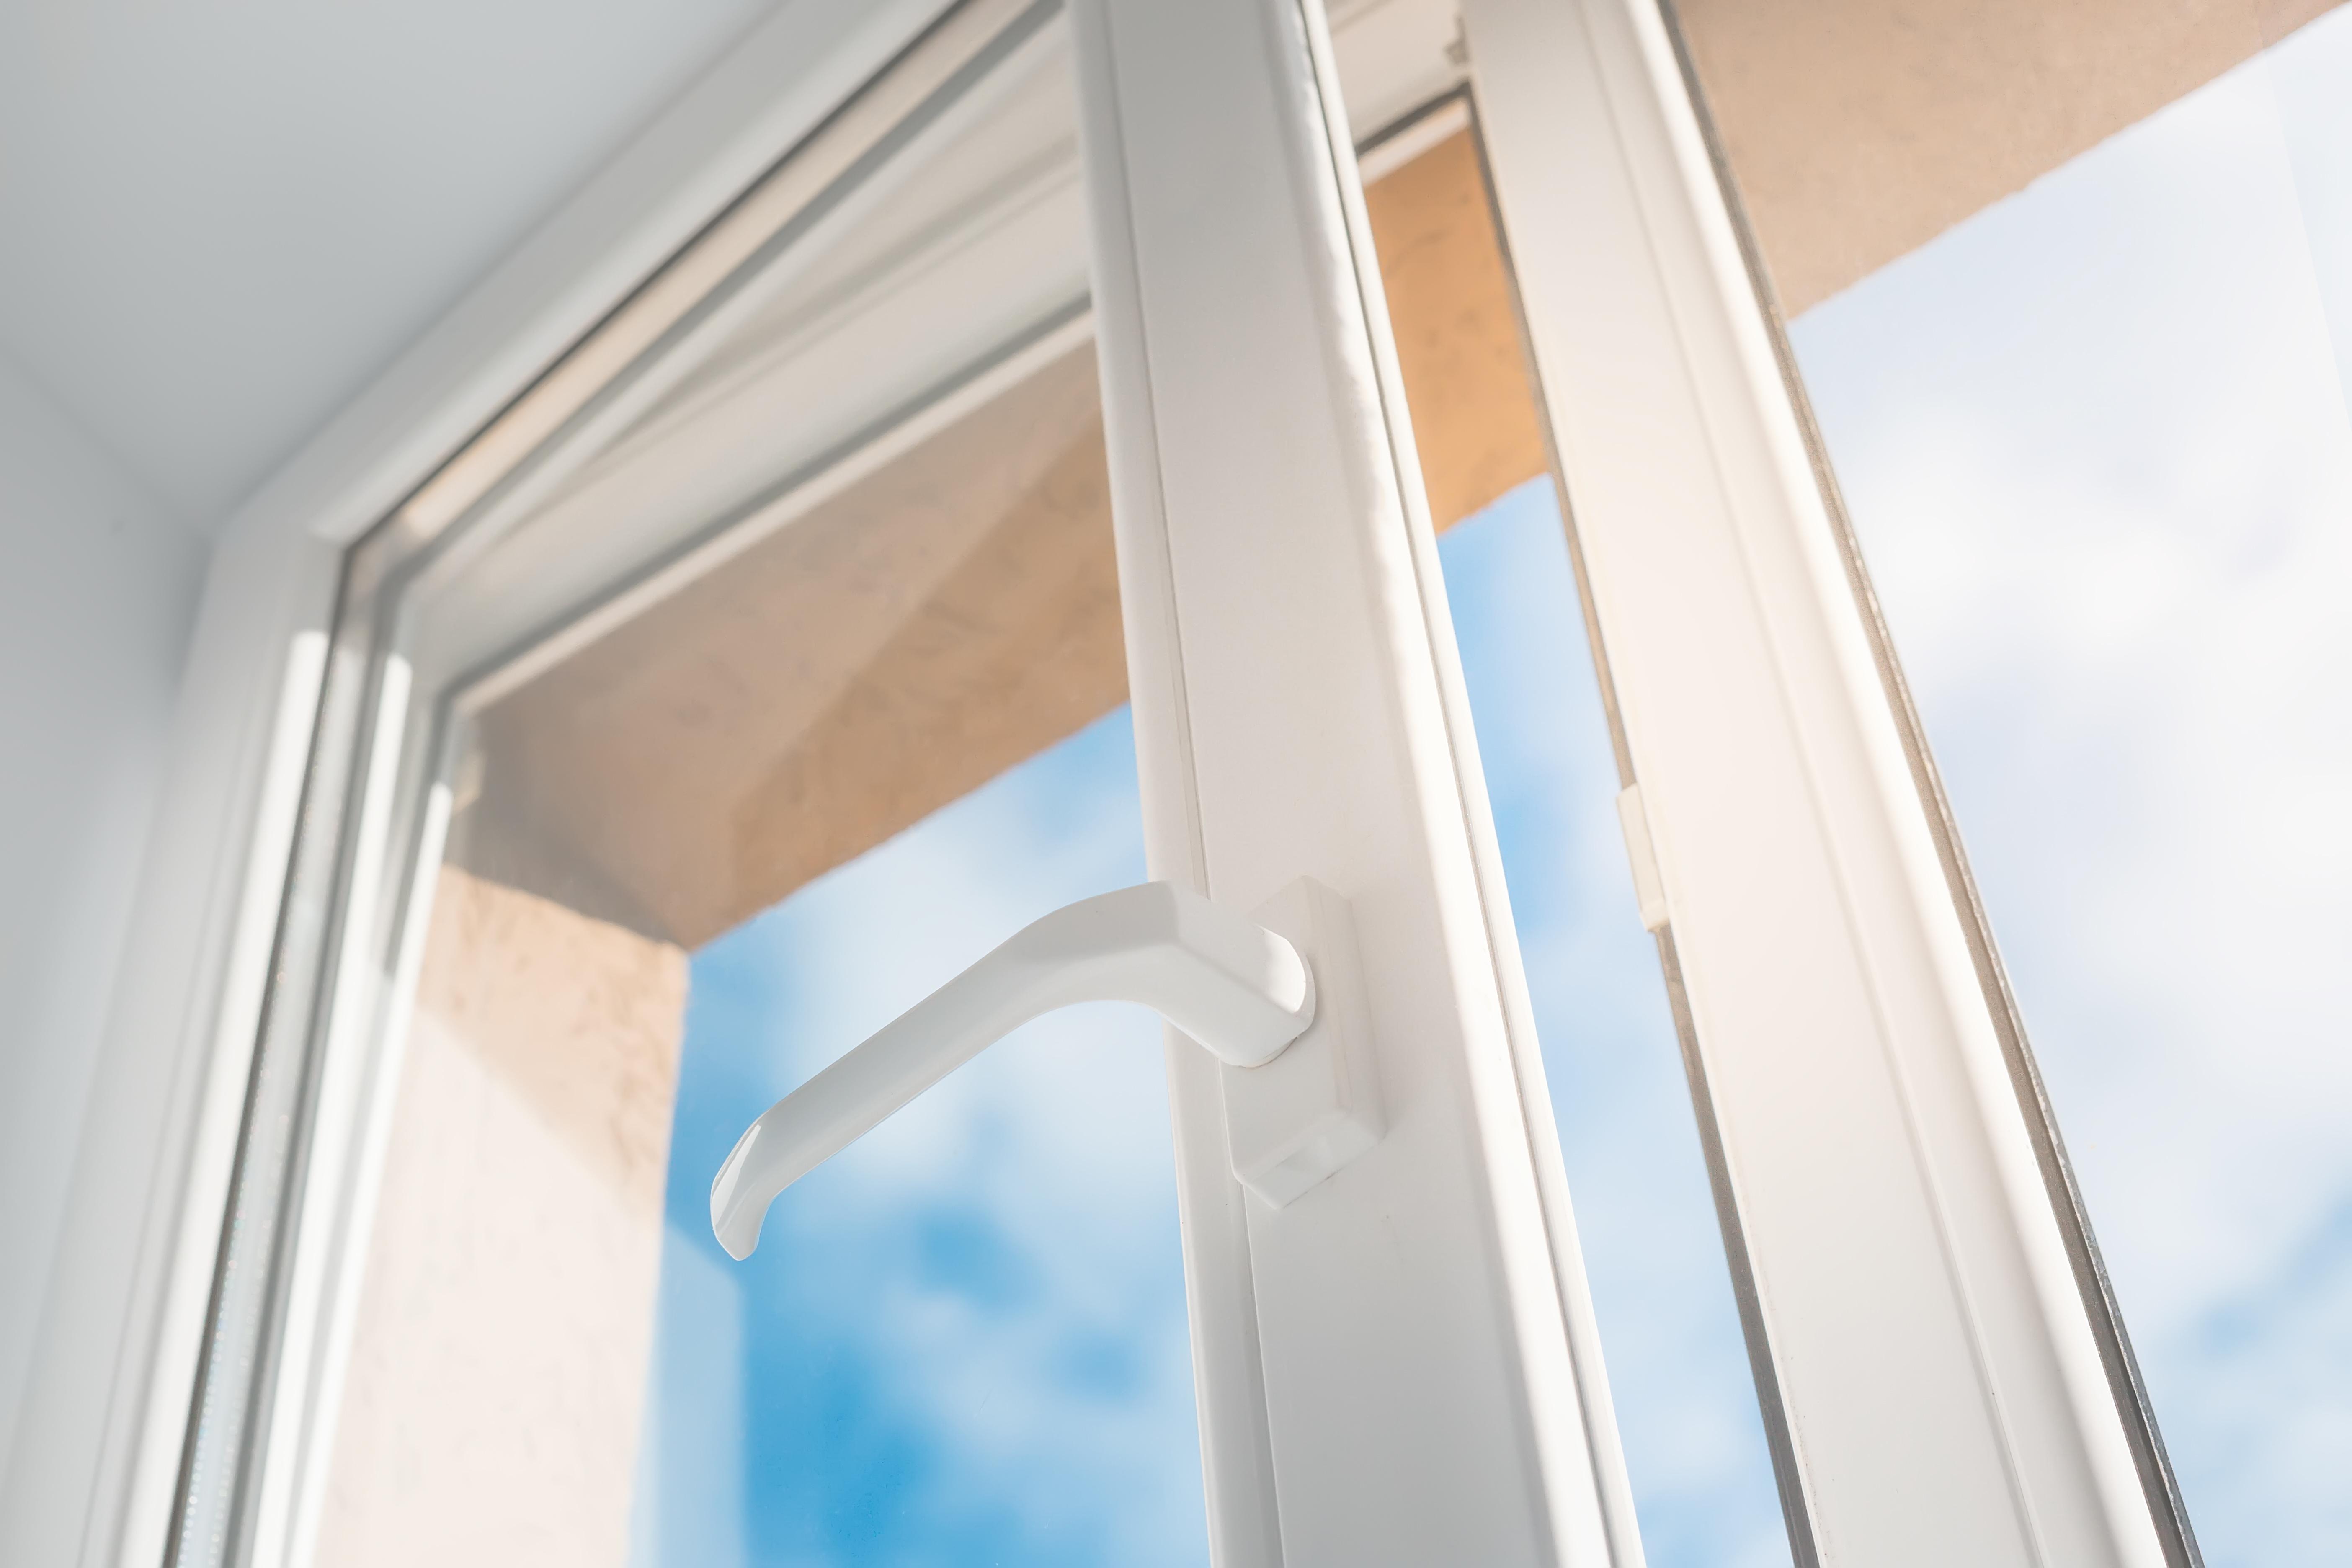 Fenetres Renovation Ou Remplacement remplacement de fenêtres : ce guide synthétise les aides